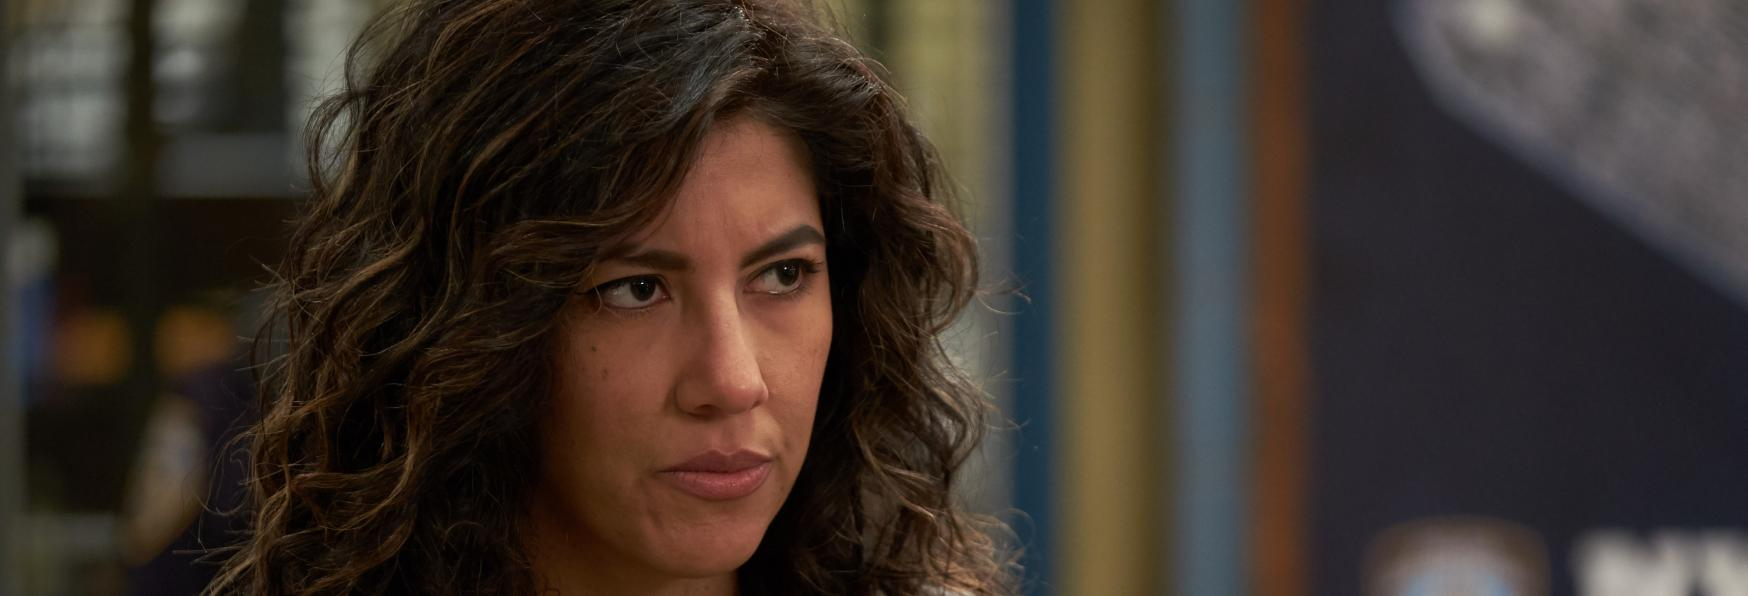 Stephanie Beatriz (attrice di Brooklyn Nine-Nine) dona 11.000 Dollari per il Black Lives Matter